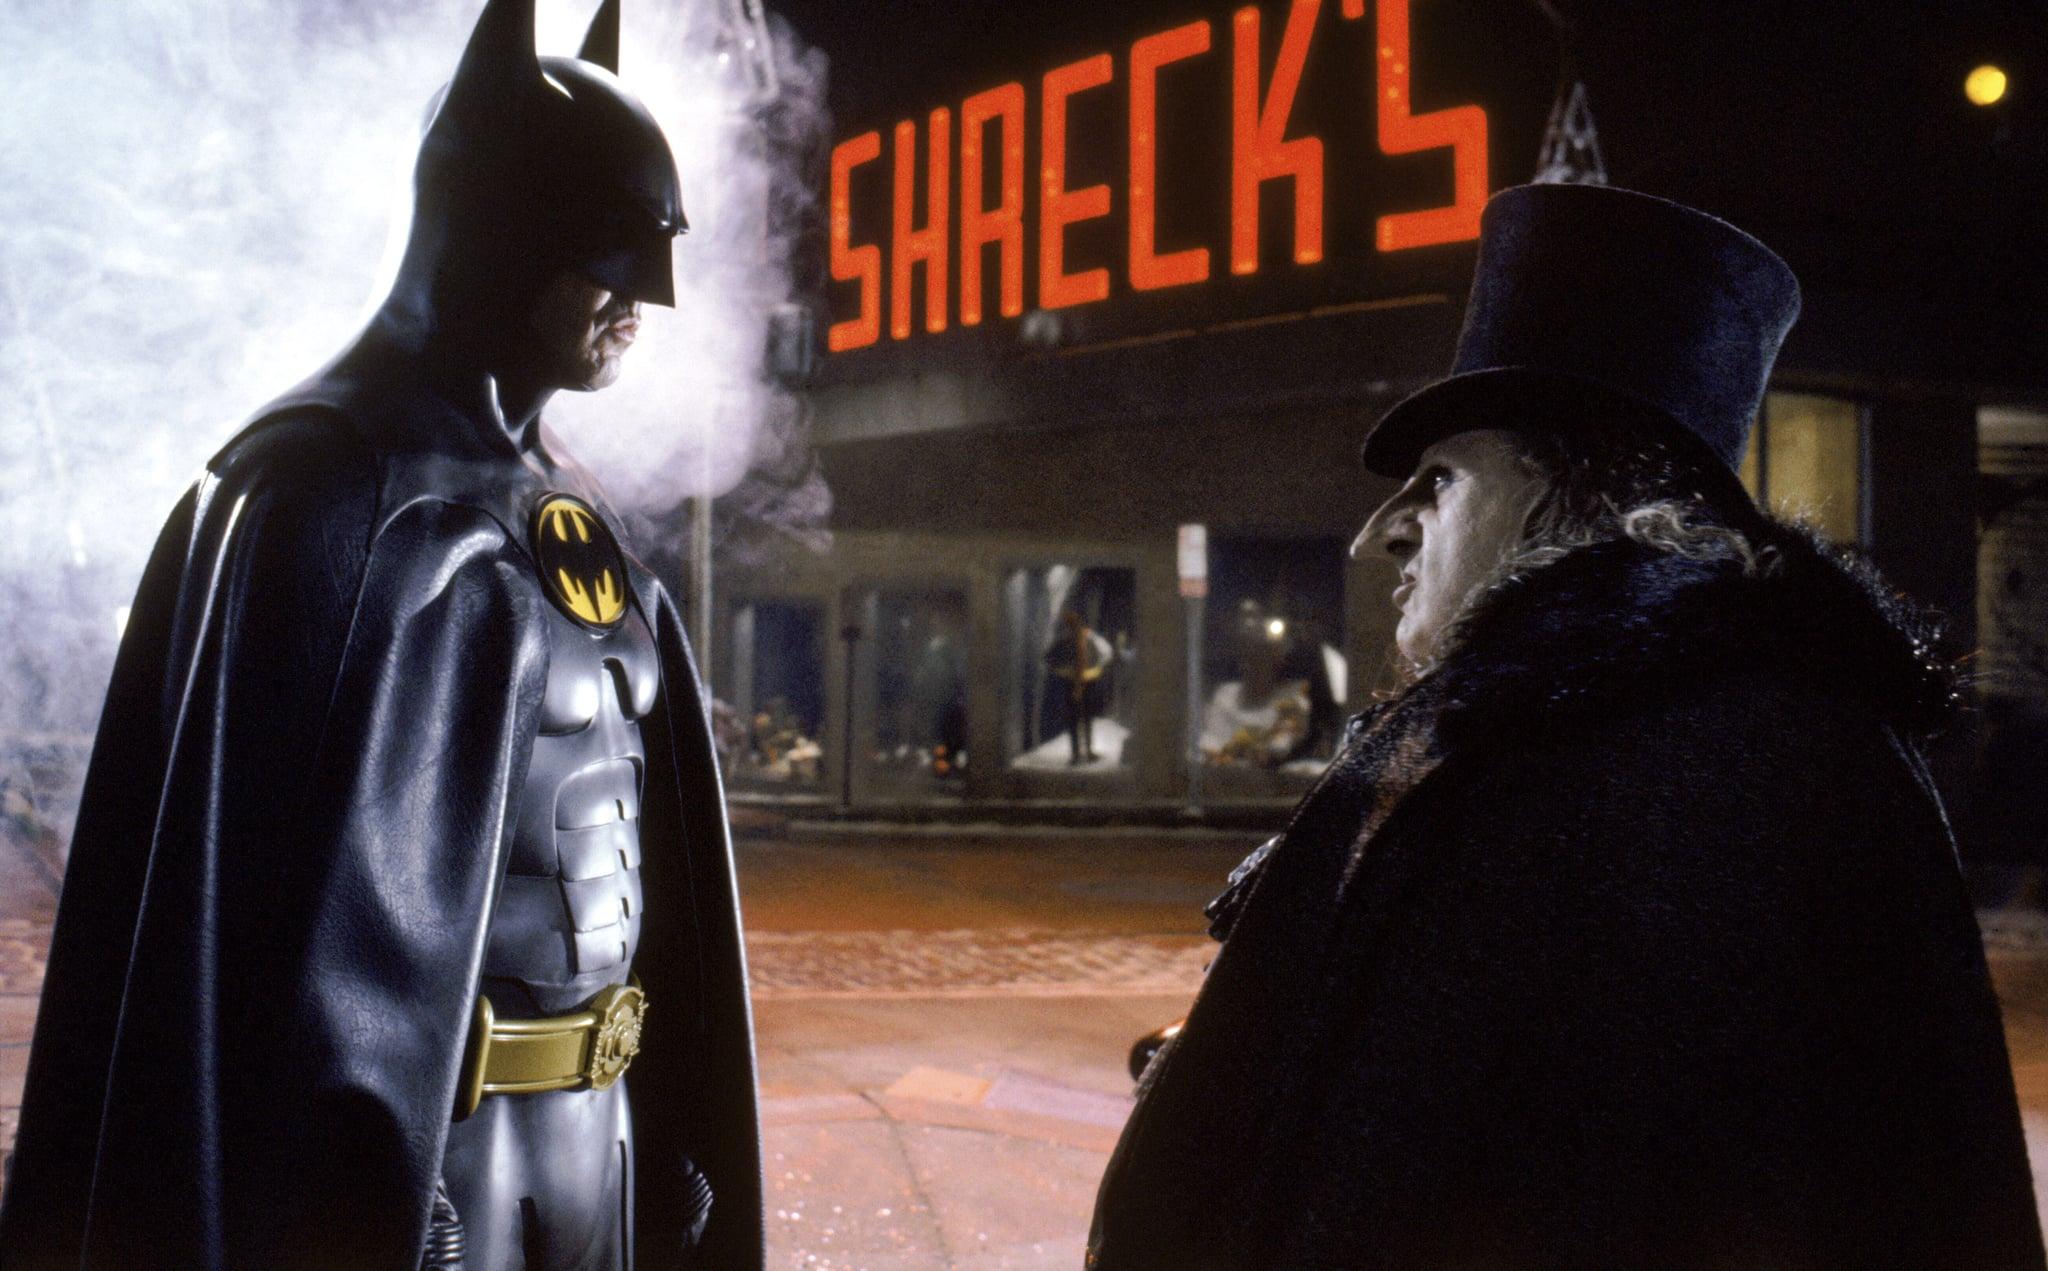 BATMAN RETURNS, Micheal Keaton, Danny DeVito, 1992. Warner Bros./courtesy Everett Collection